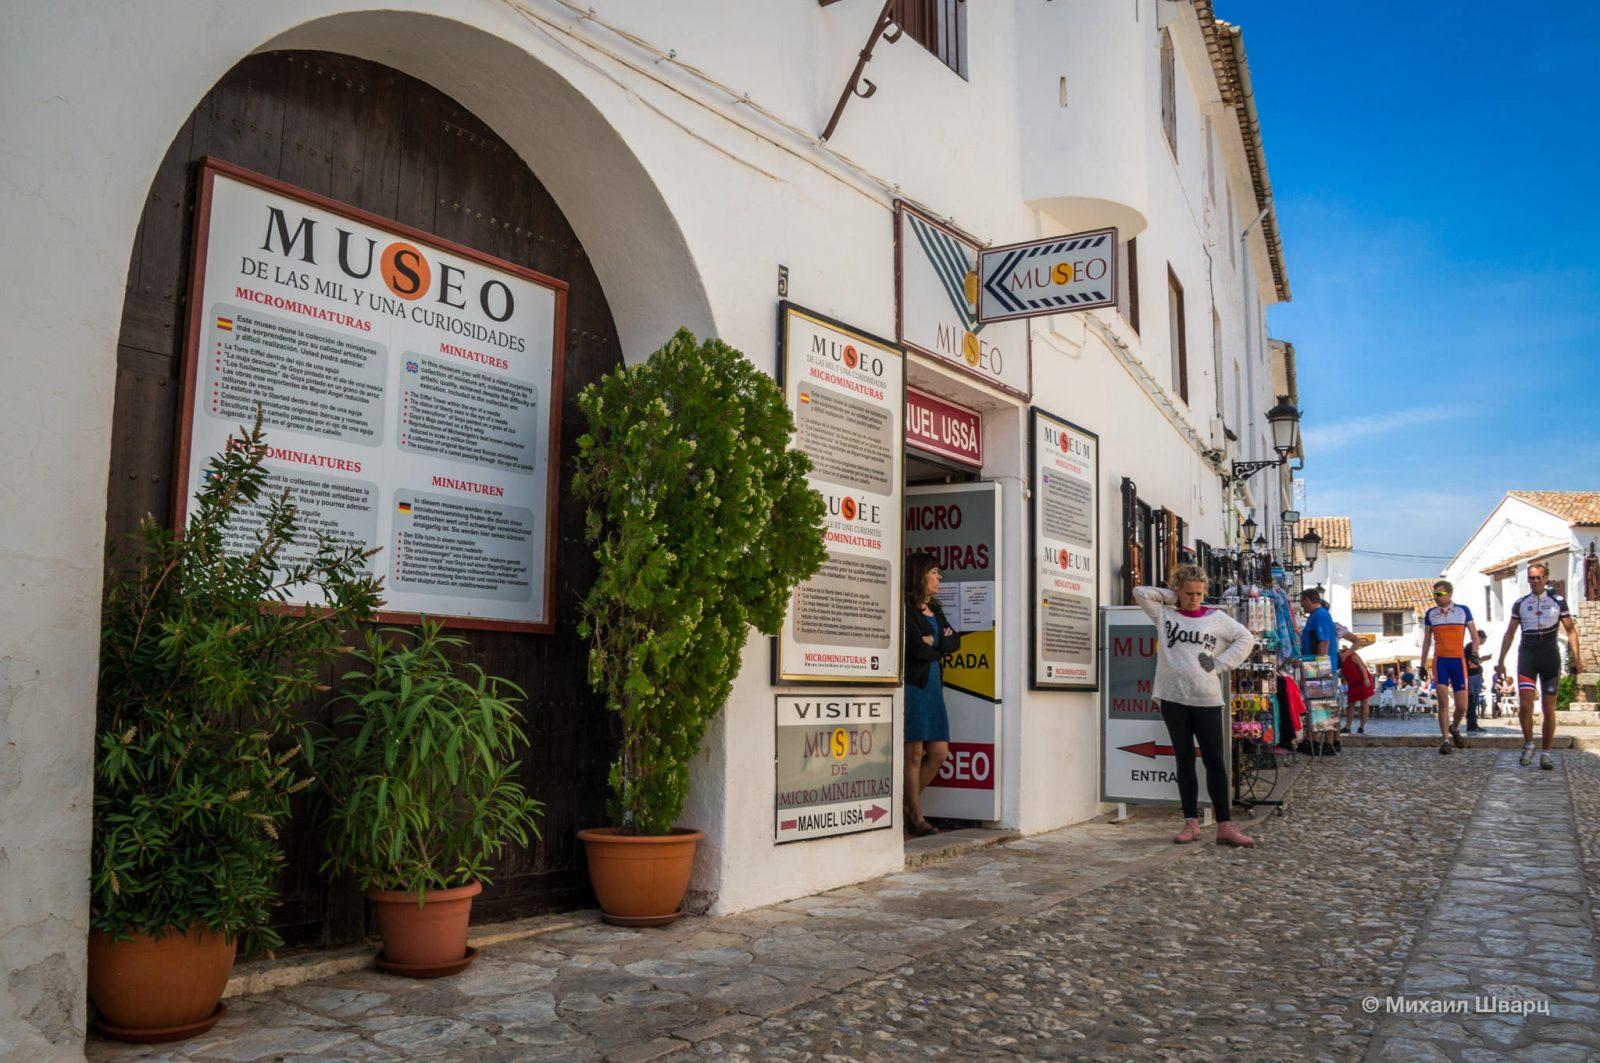 Музей микроминиатюр